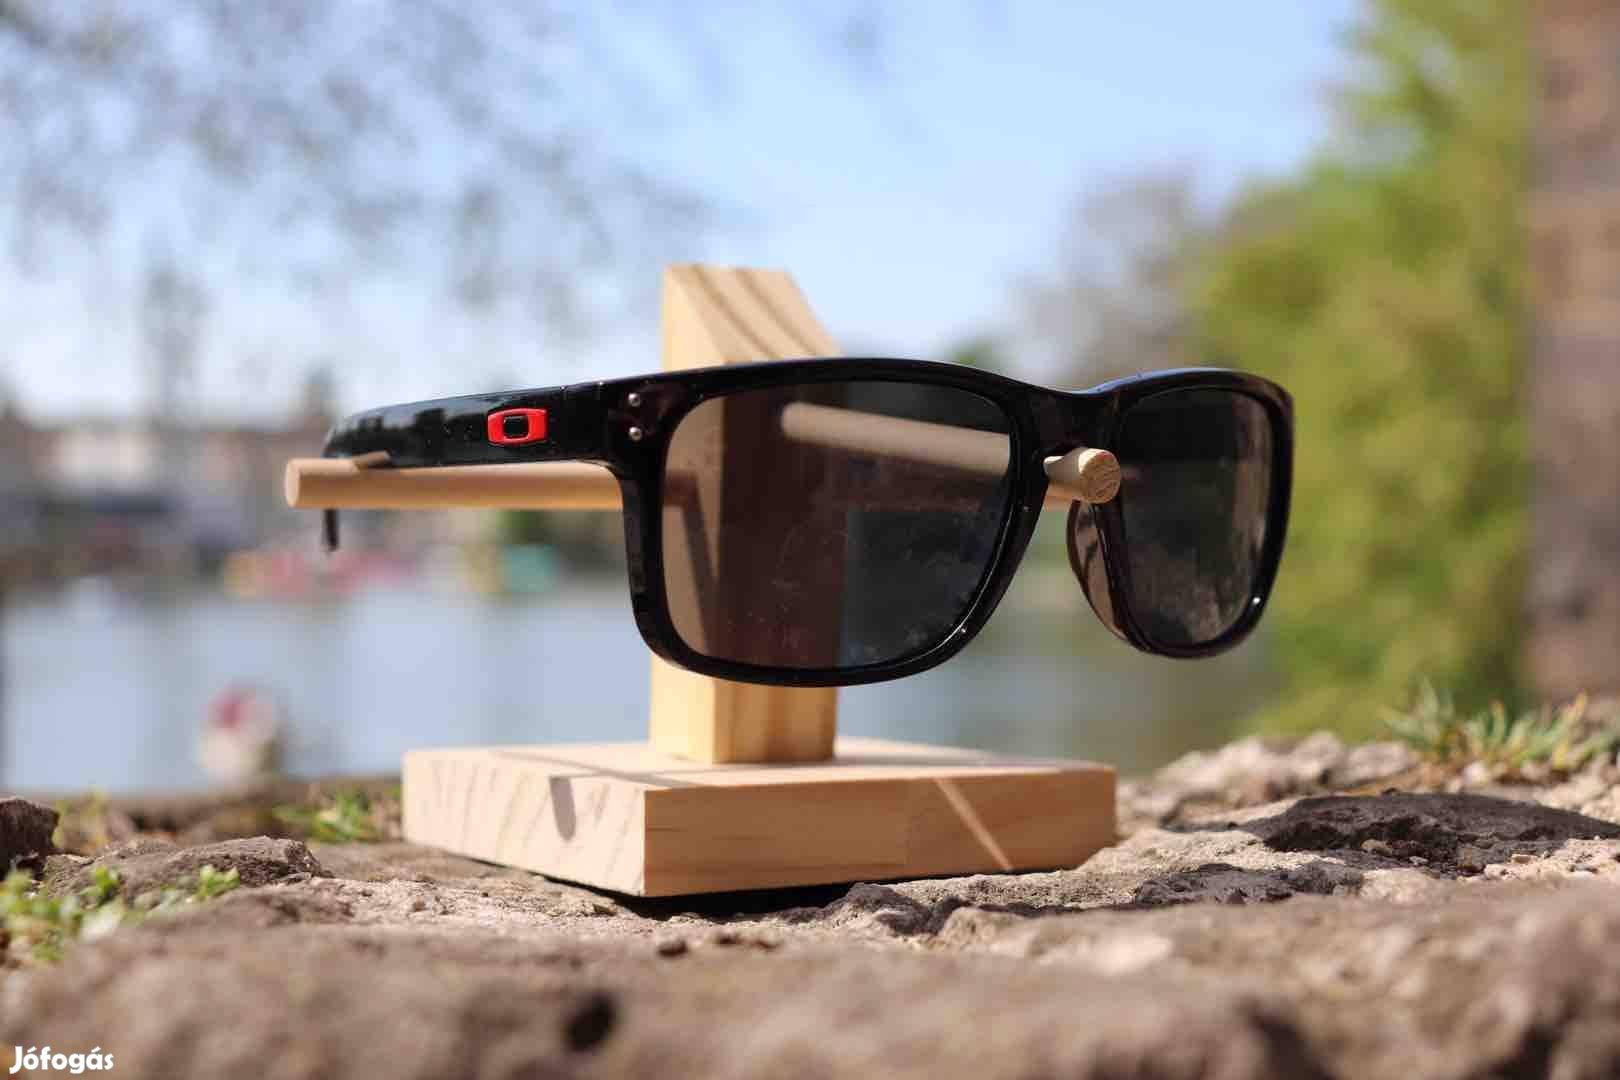 Oakley Holbrook 2019 napszemüveg, red., 3. Kép